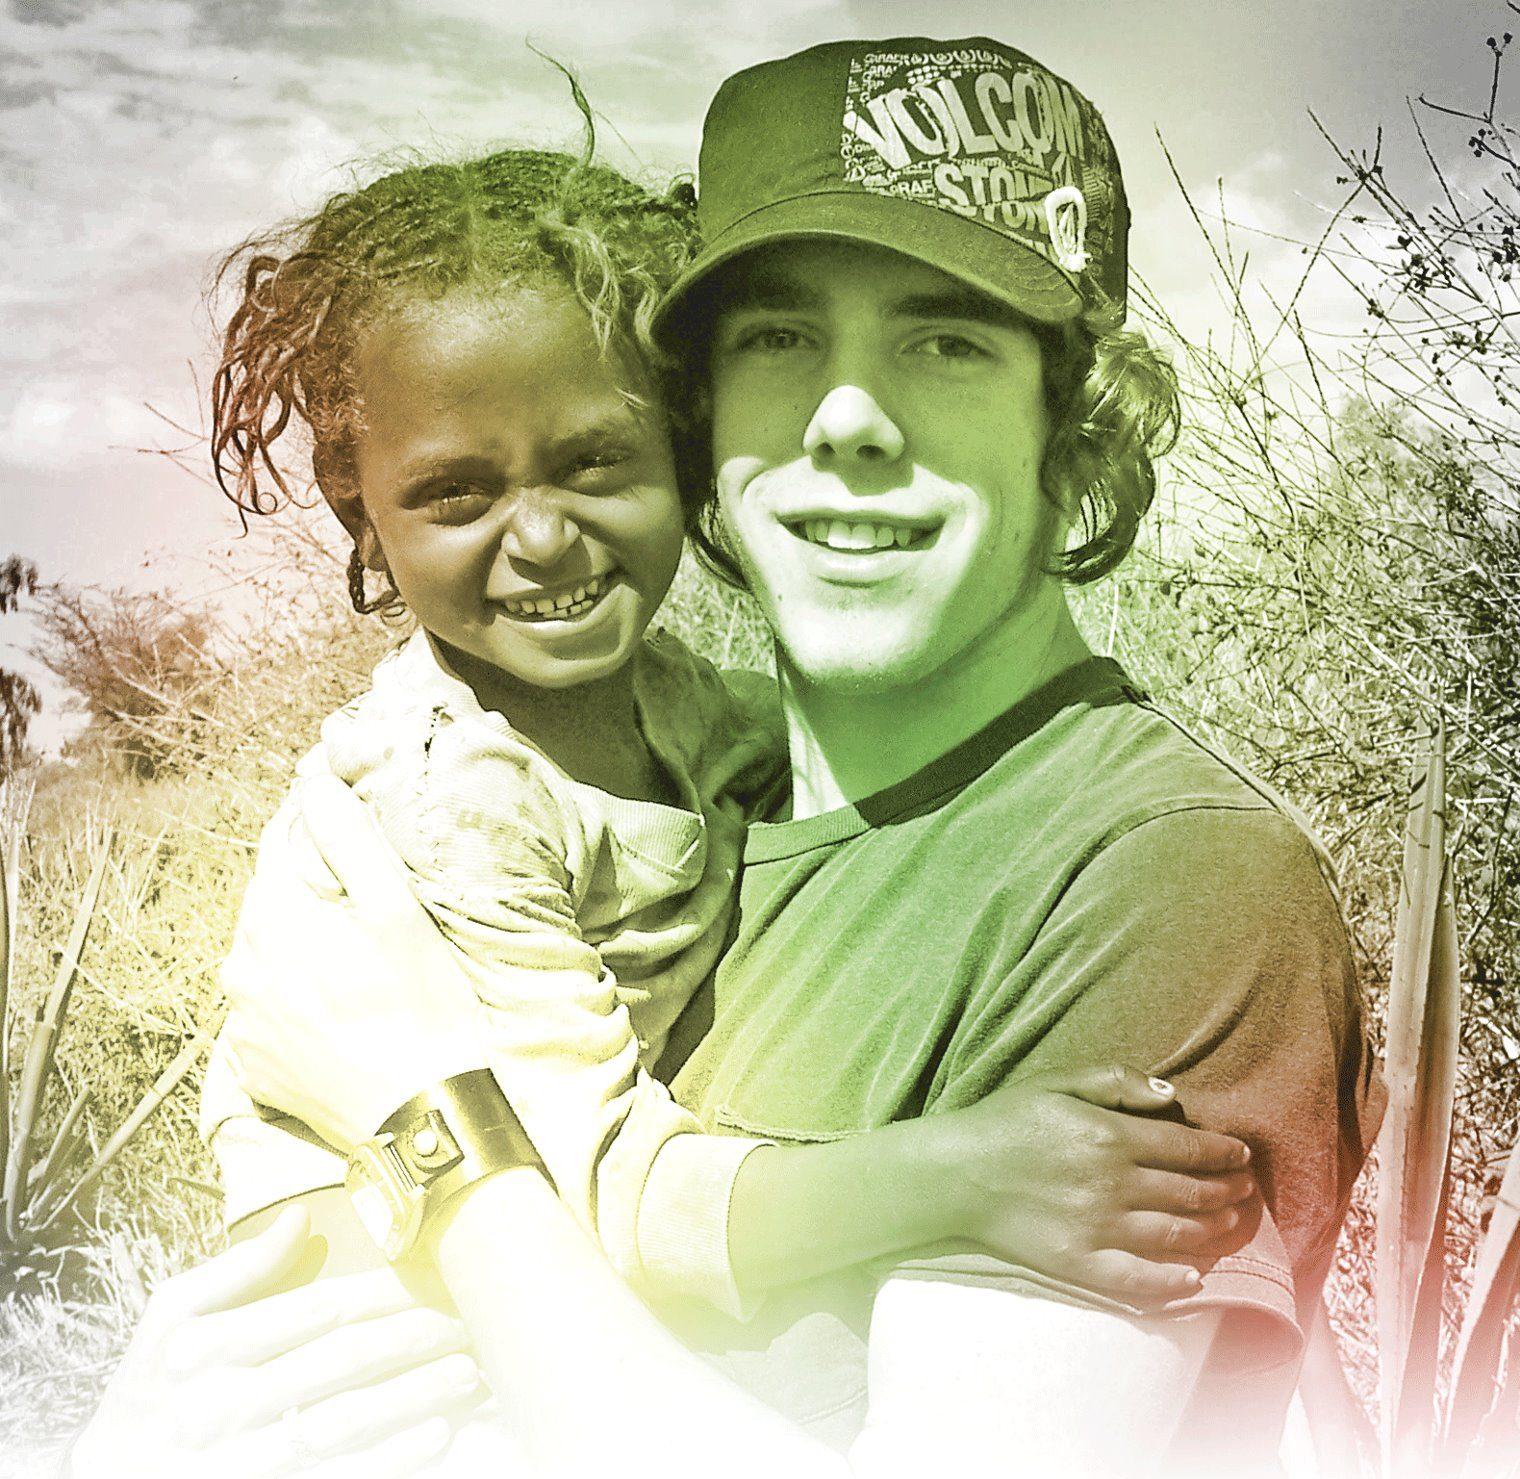 Justin Willet ethiopia 2007